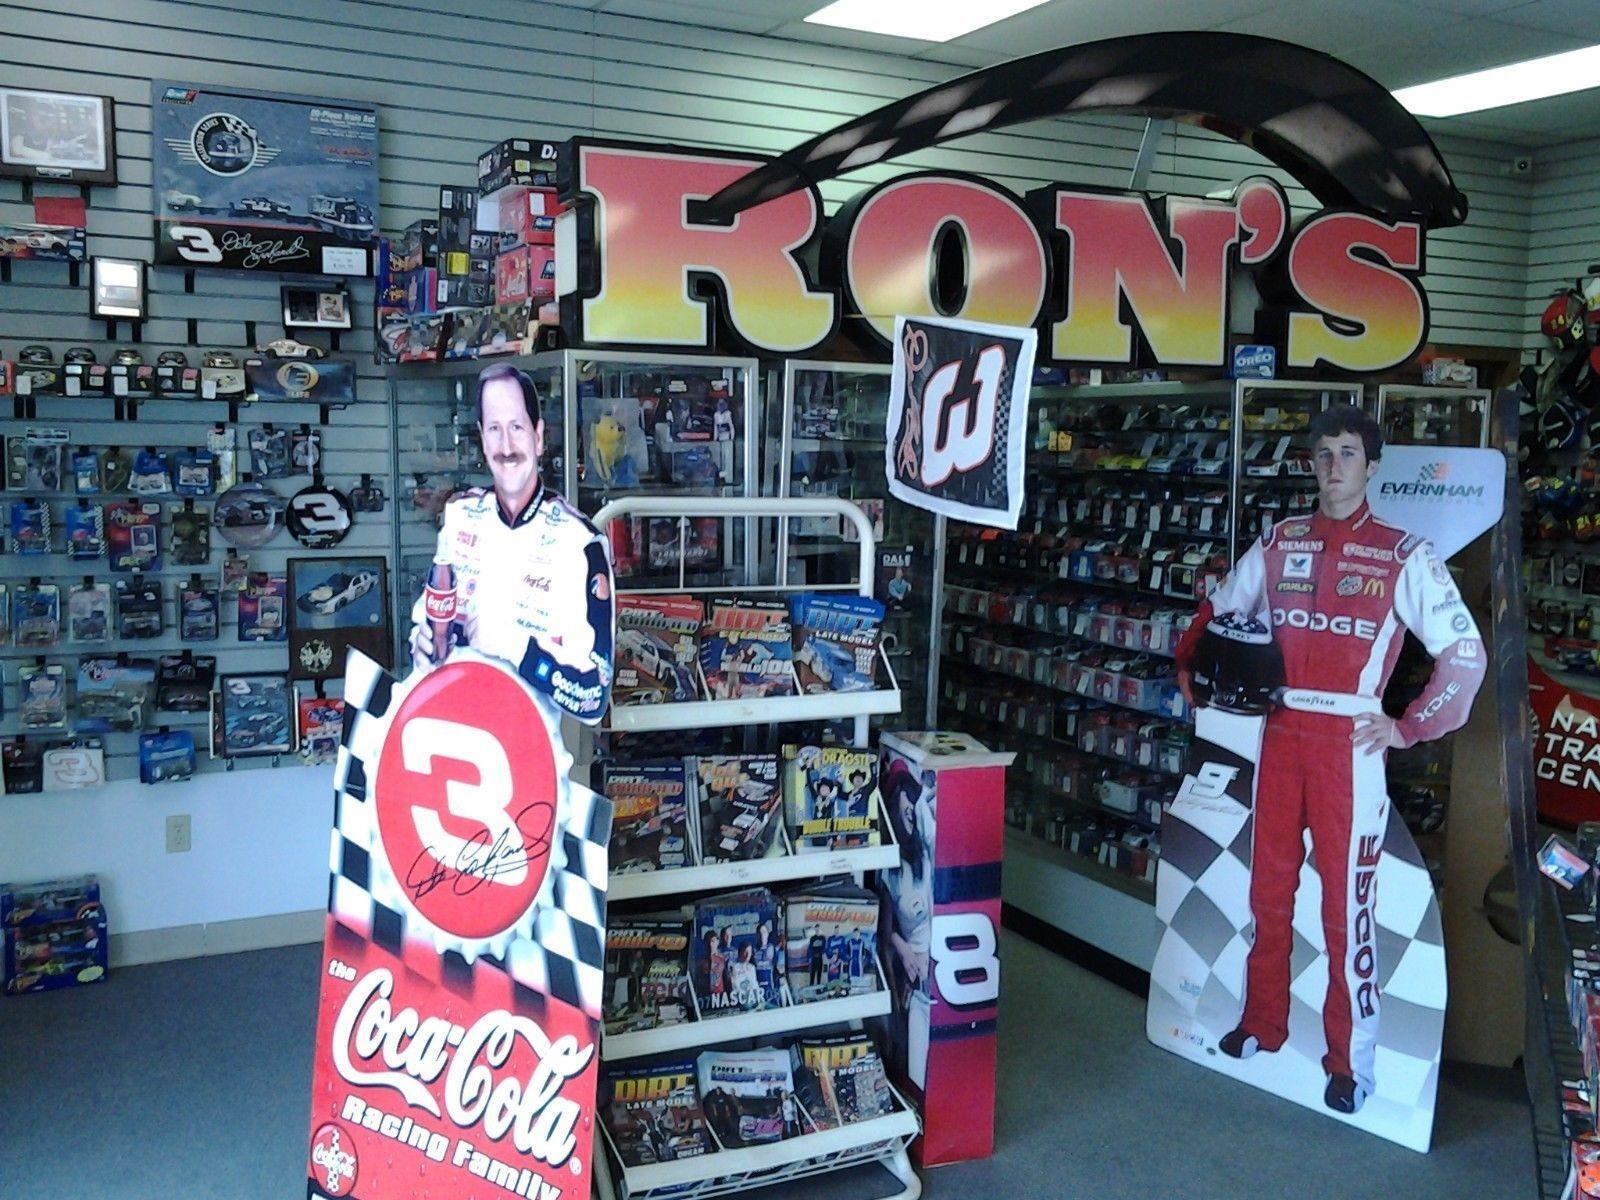 Jeff Gordon  24 24 24 hitos 1994 Charlotte Win 2005 Monte Carl acción 1 24 Nascar 1c9e5f